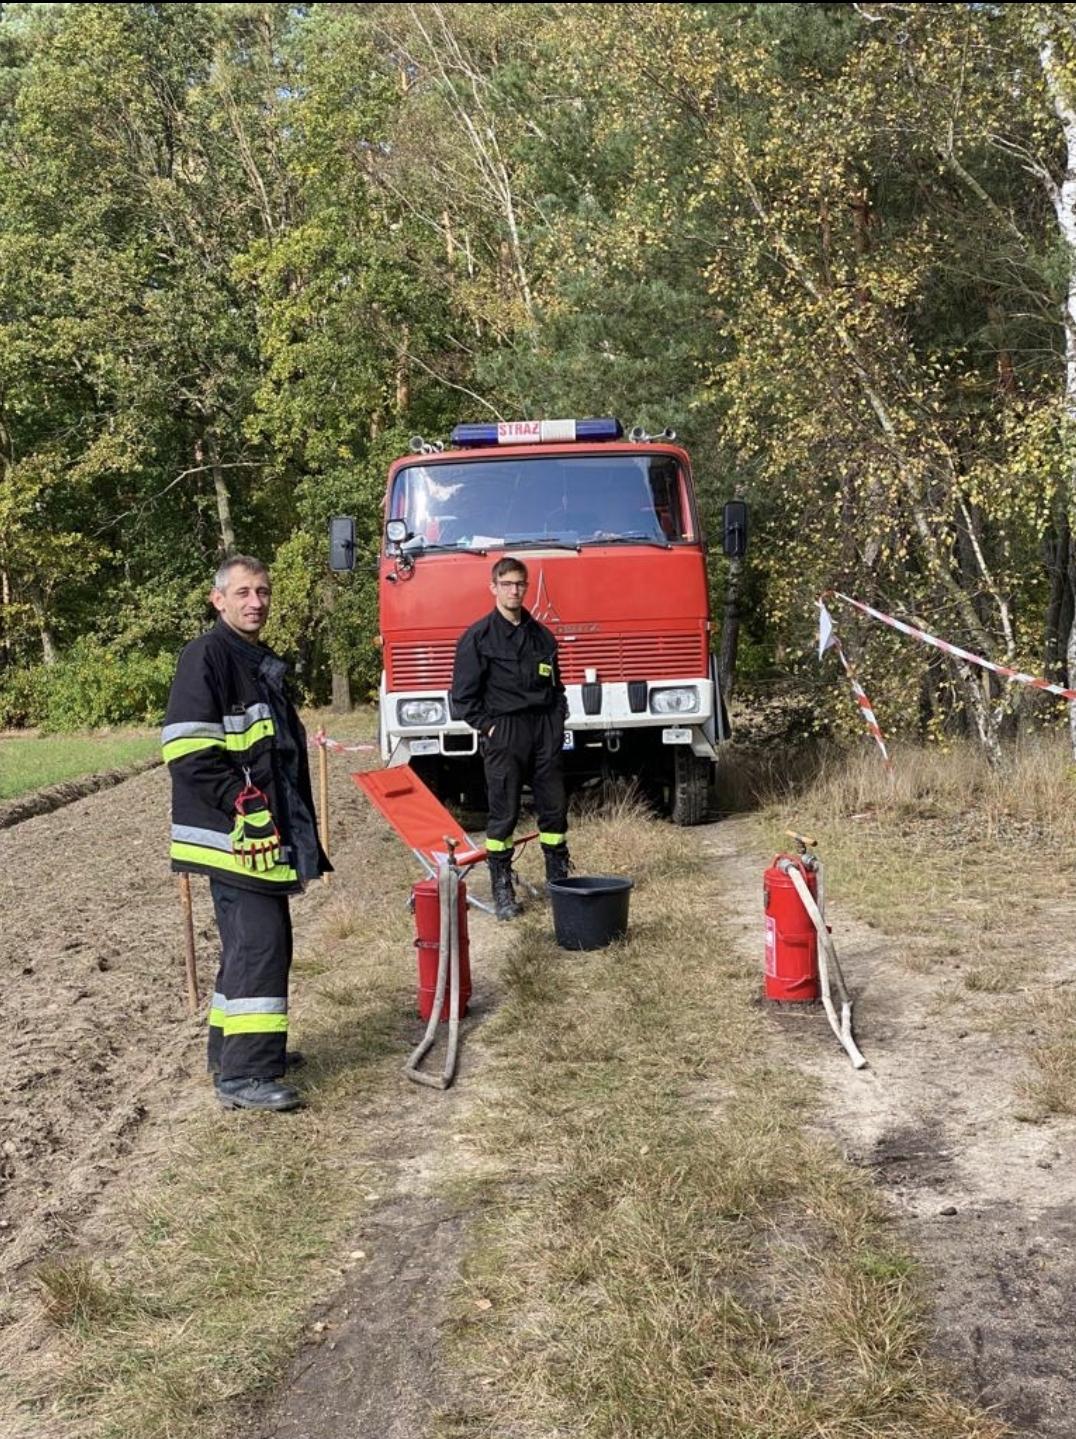 Sobotnie manewry pożarnicze młodzieżowych drużyn (galeria zdjęć)